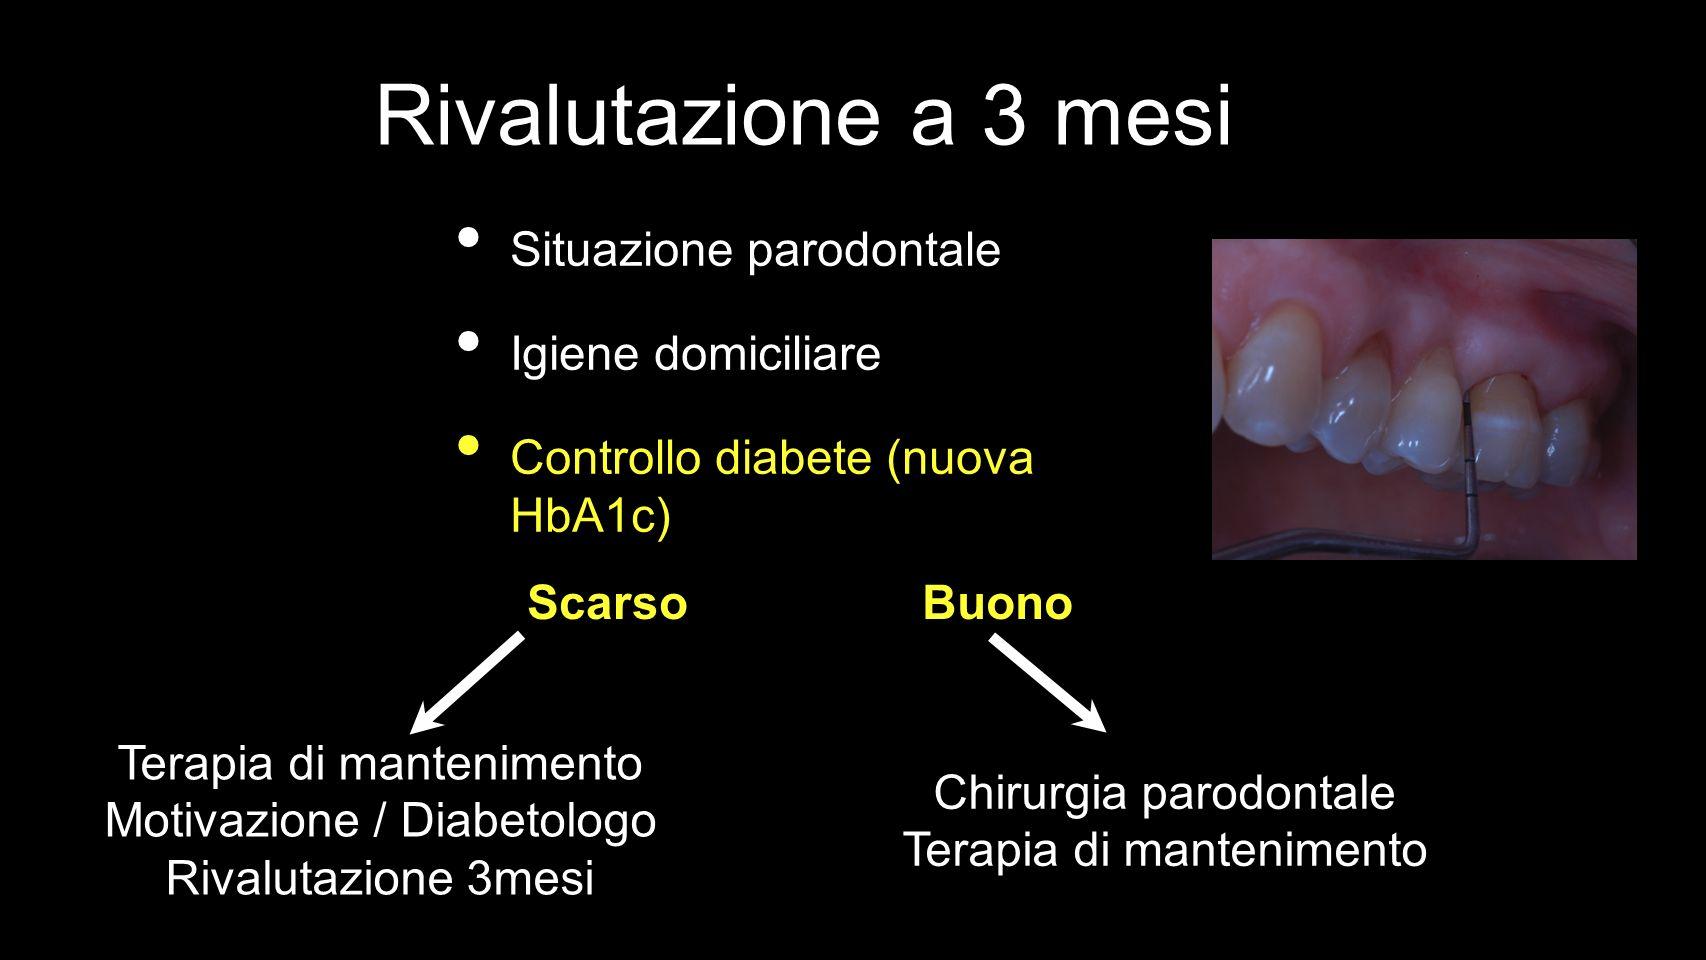 Rivalutazione a 3 mesi Situazione parodontale Igiene domiciliare Controllo diabete (nuova HbA1c) Chirurgia parodontale Terapia di mantenimento Motivazione / Diabetologo Rivalutazione 3mesi ScarsoBuono